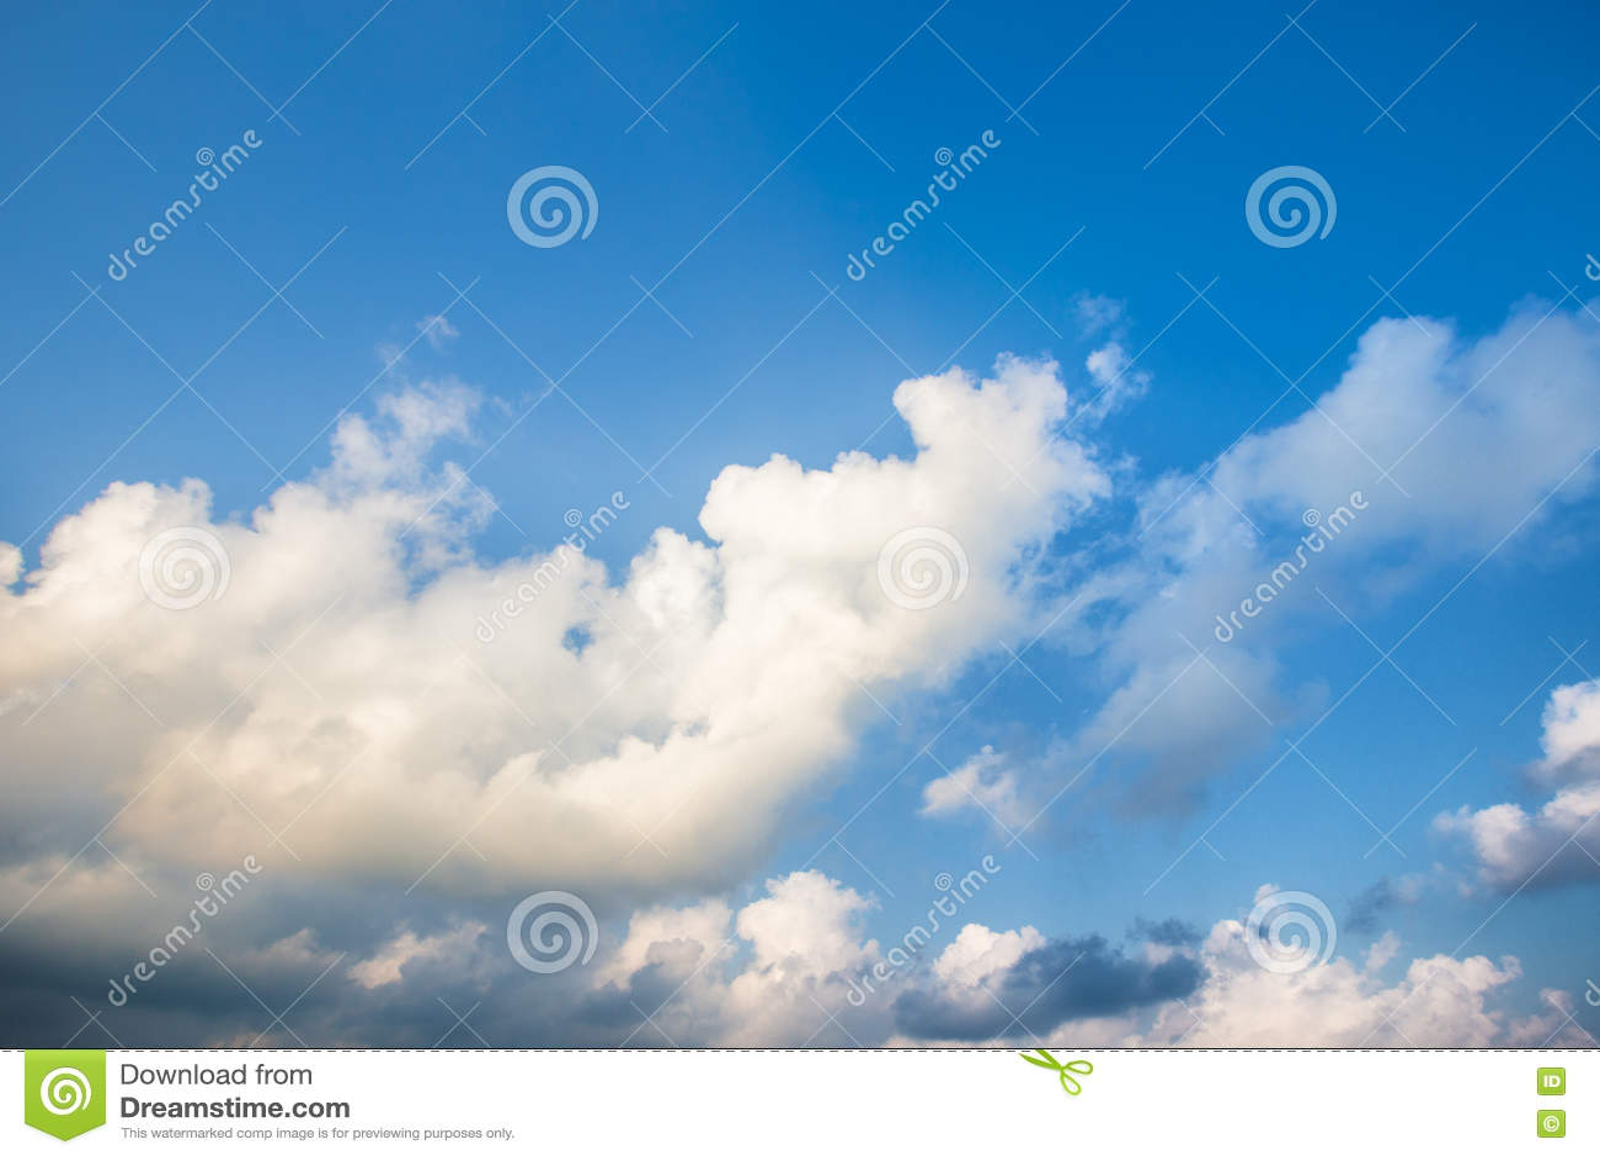 Изображение предпосылки пасмурного и голубого неба